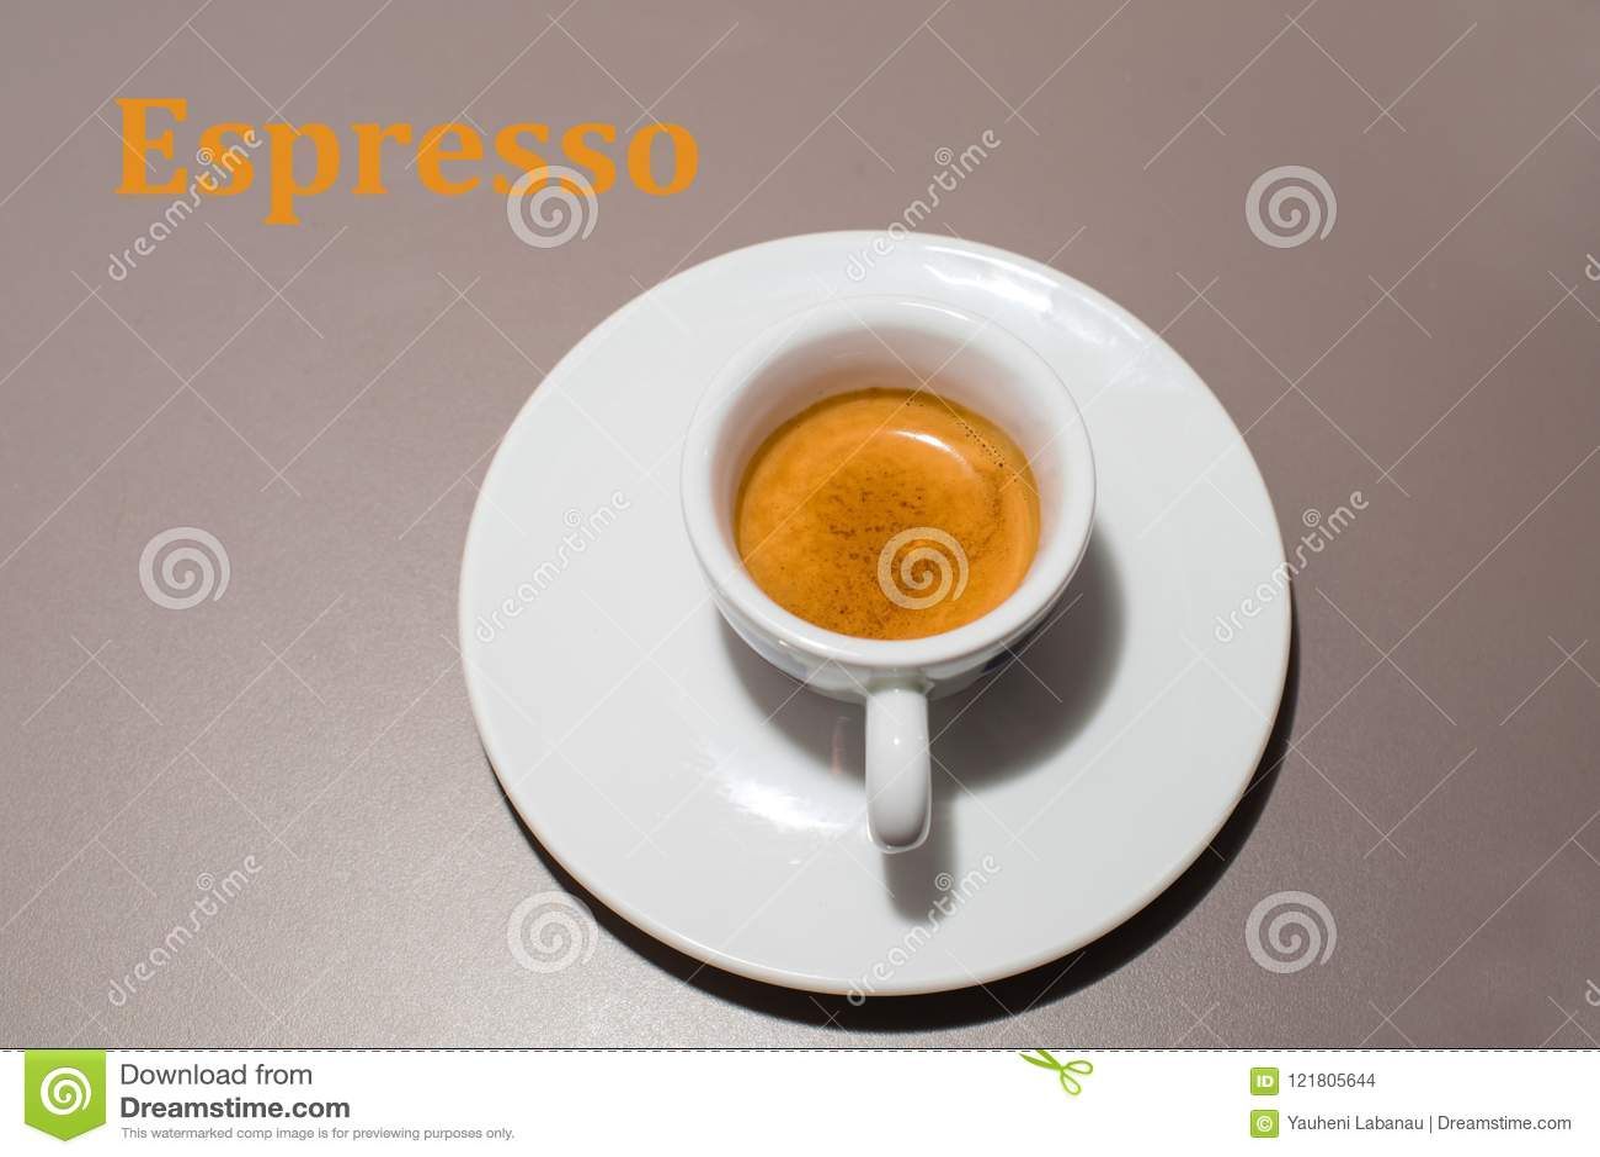 Tazza con il caffè espresso del caffè